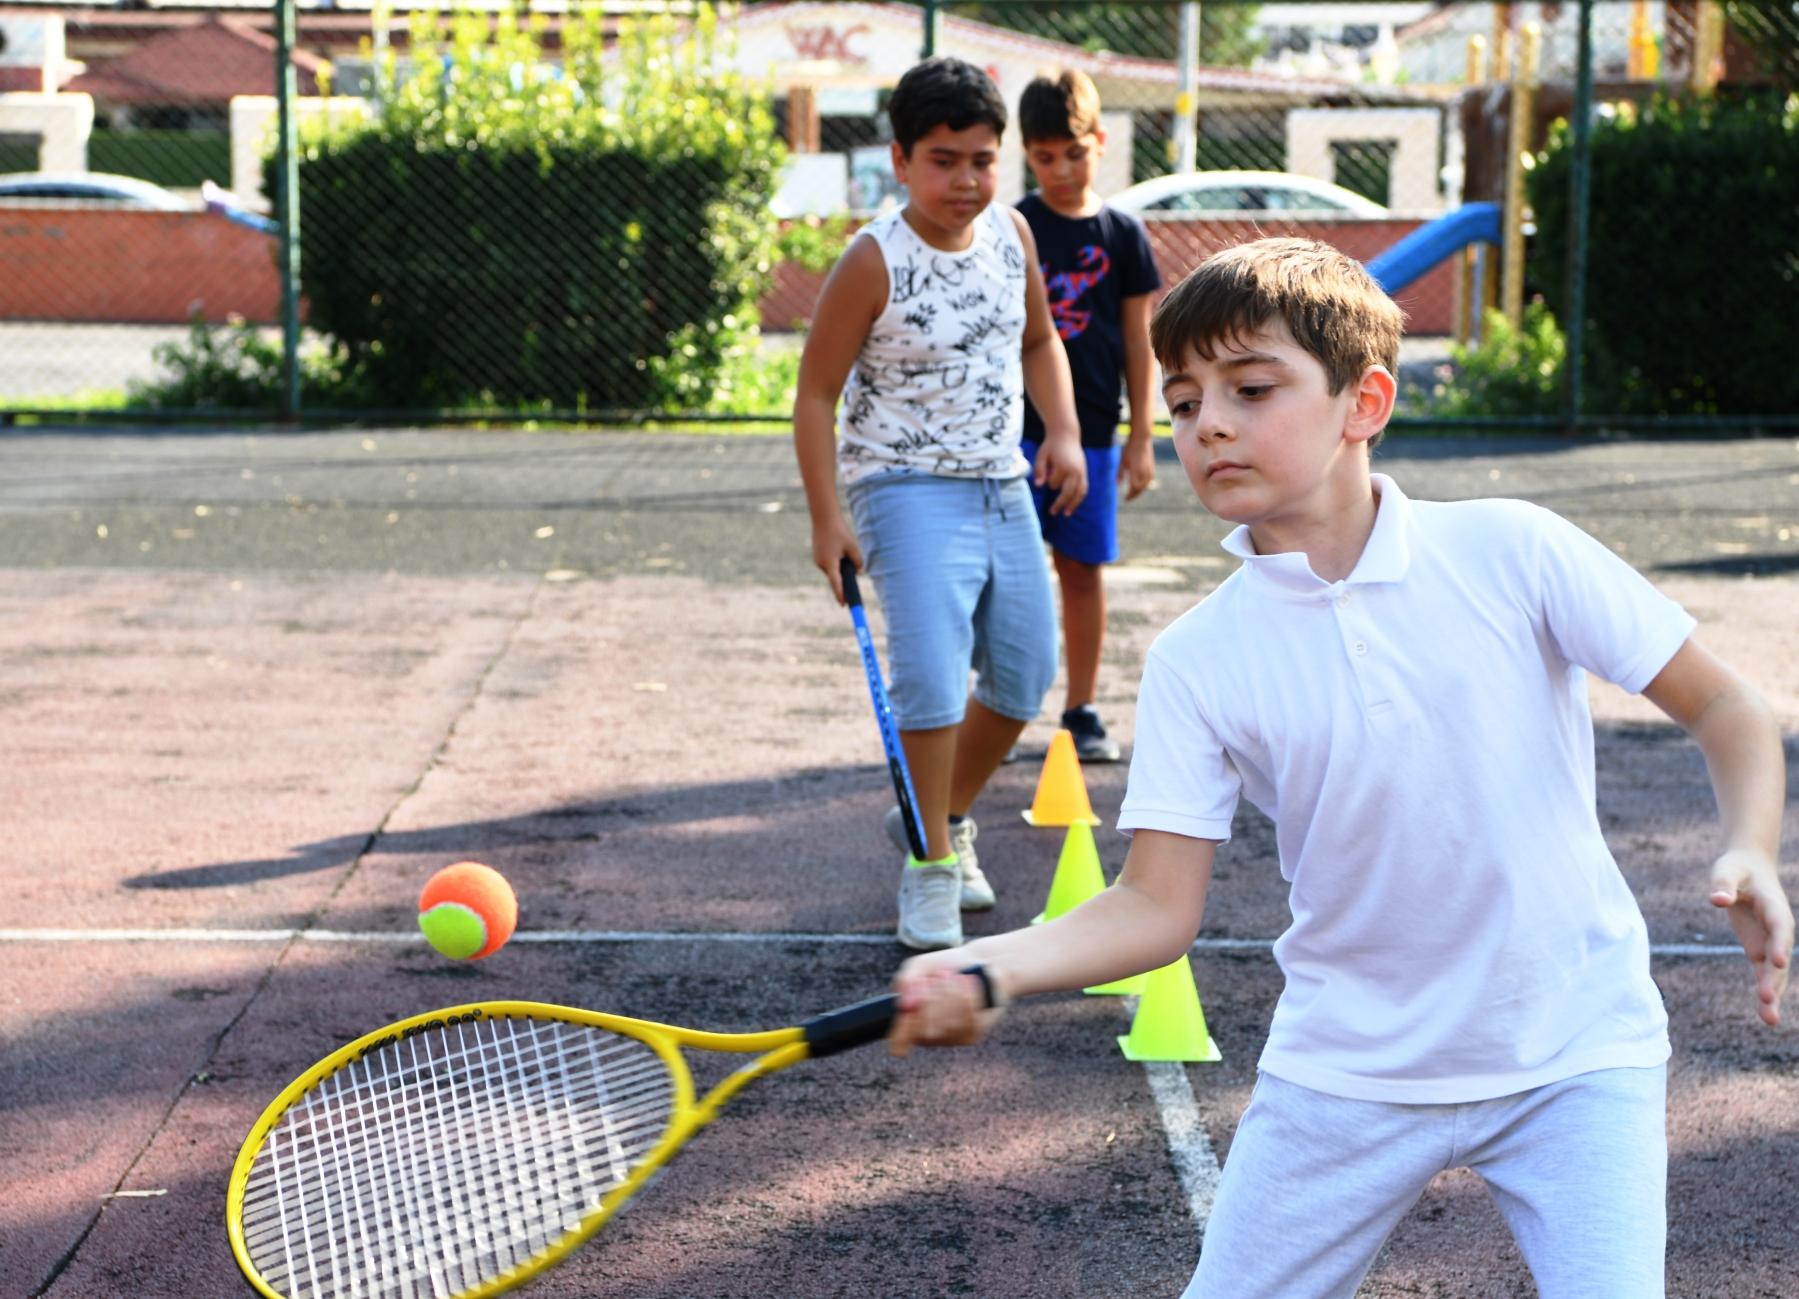 Konyaaltı'nda futbol ve tenis kursları başlıyor